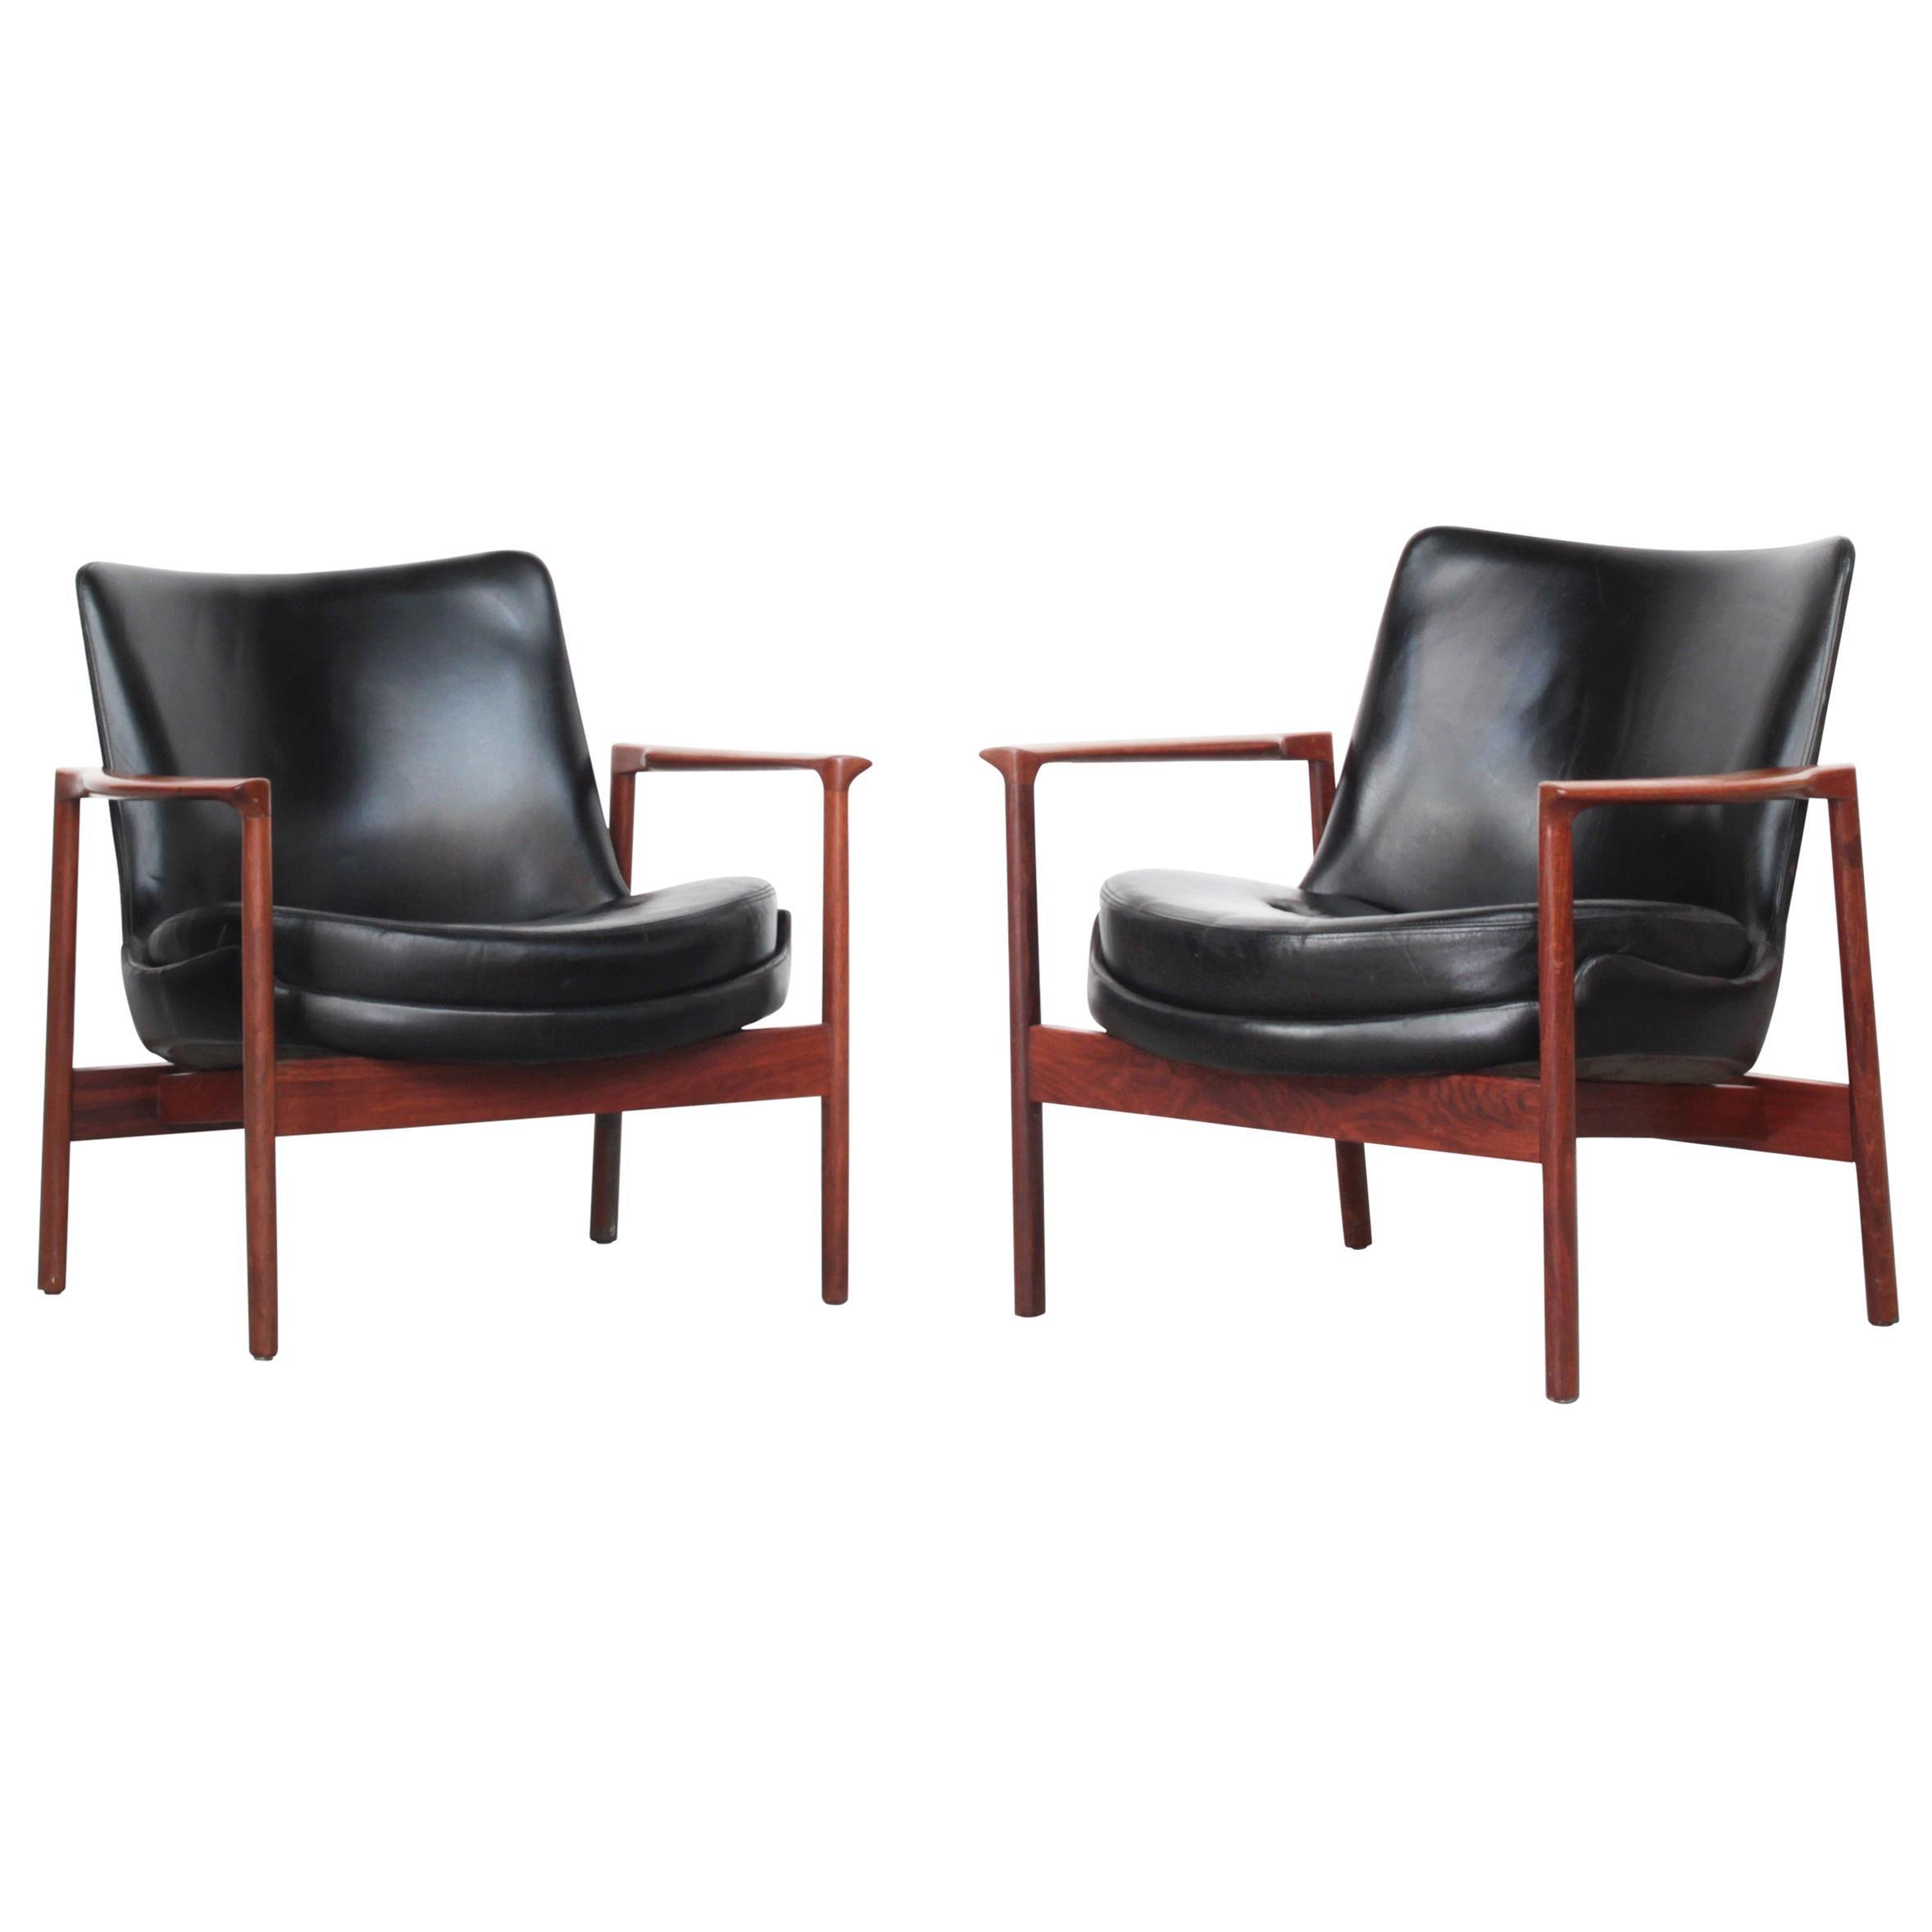 Rare Pair of Danish Lounge Chairs by Ib Kofod-Larsen